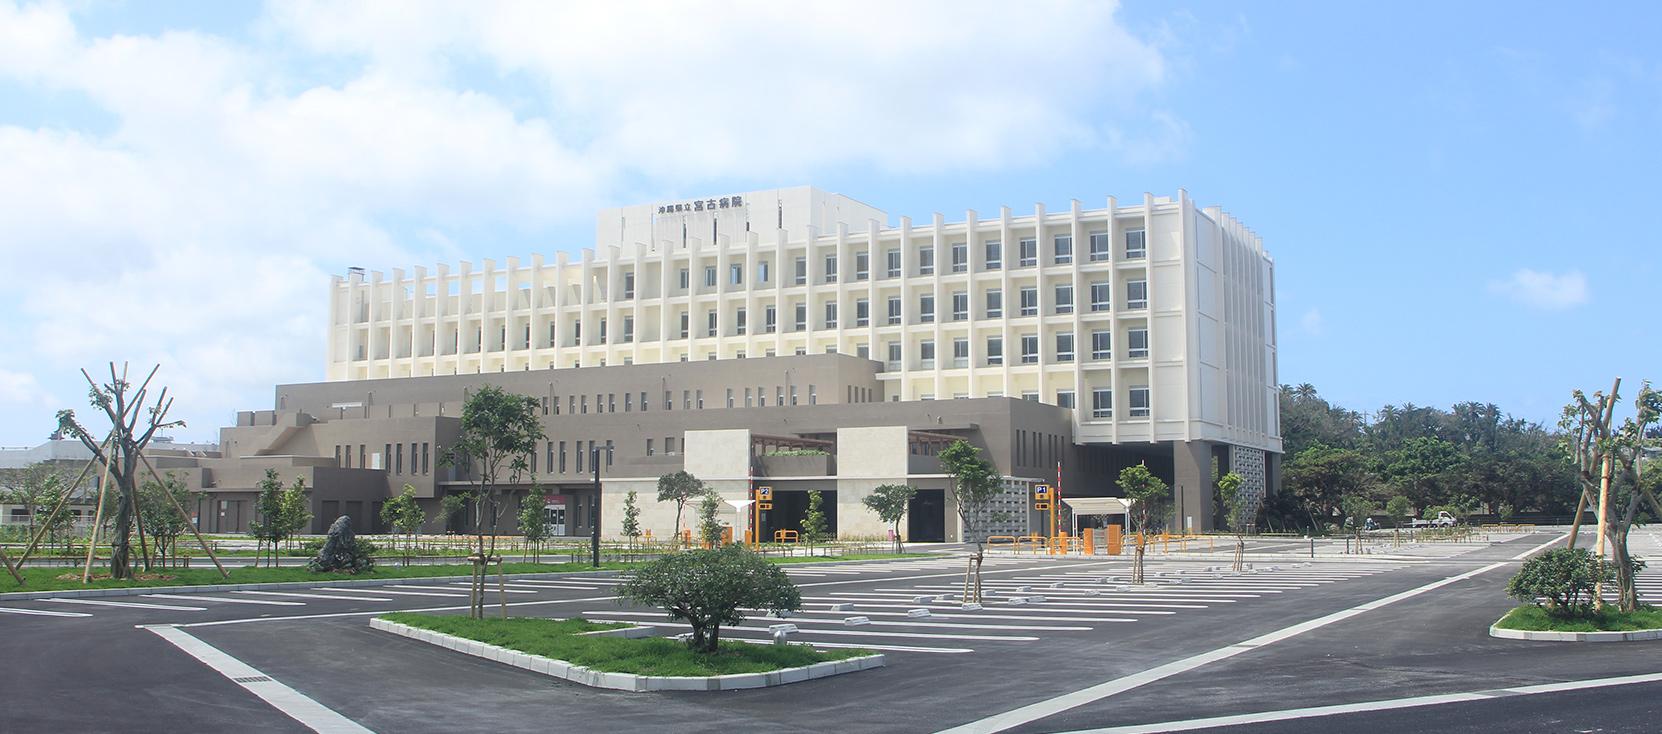 沖縄県立宮古病院 -宮古島の医療を担う- Okinawa Miyako Hospital1